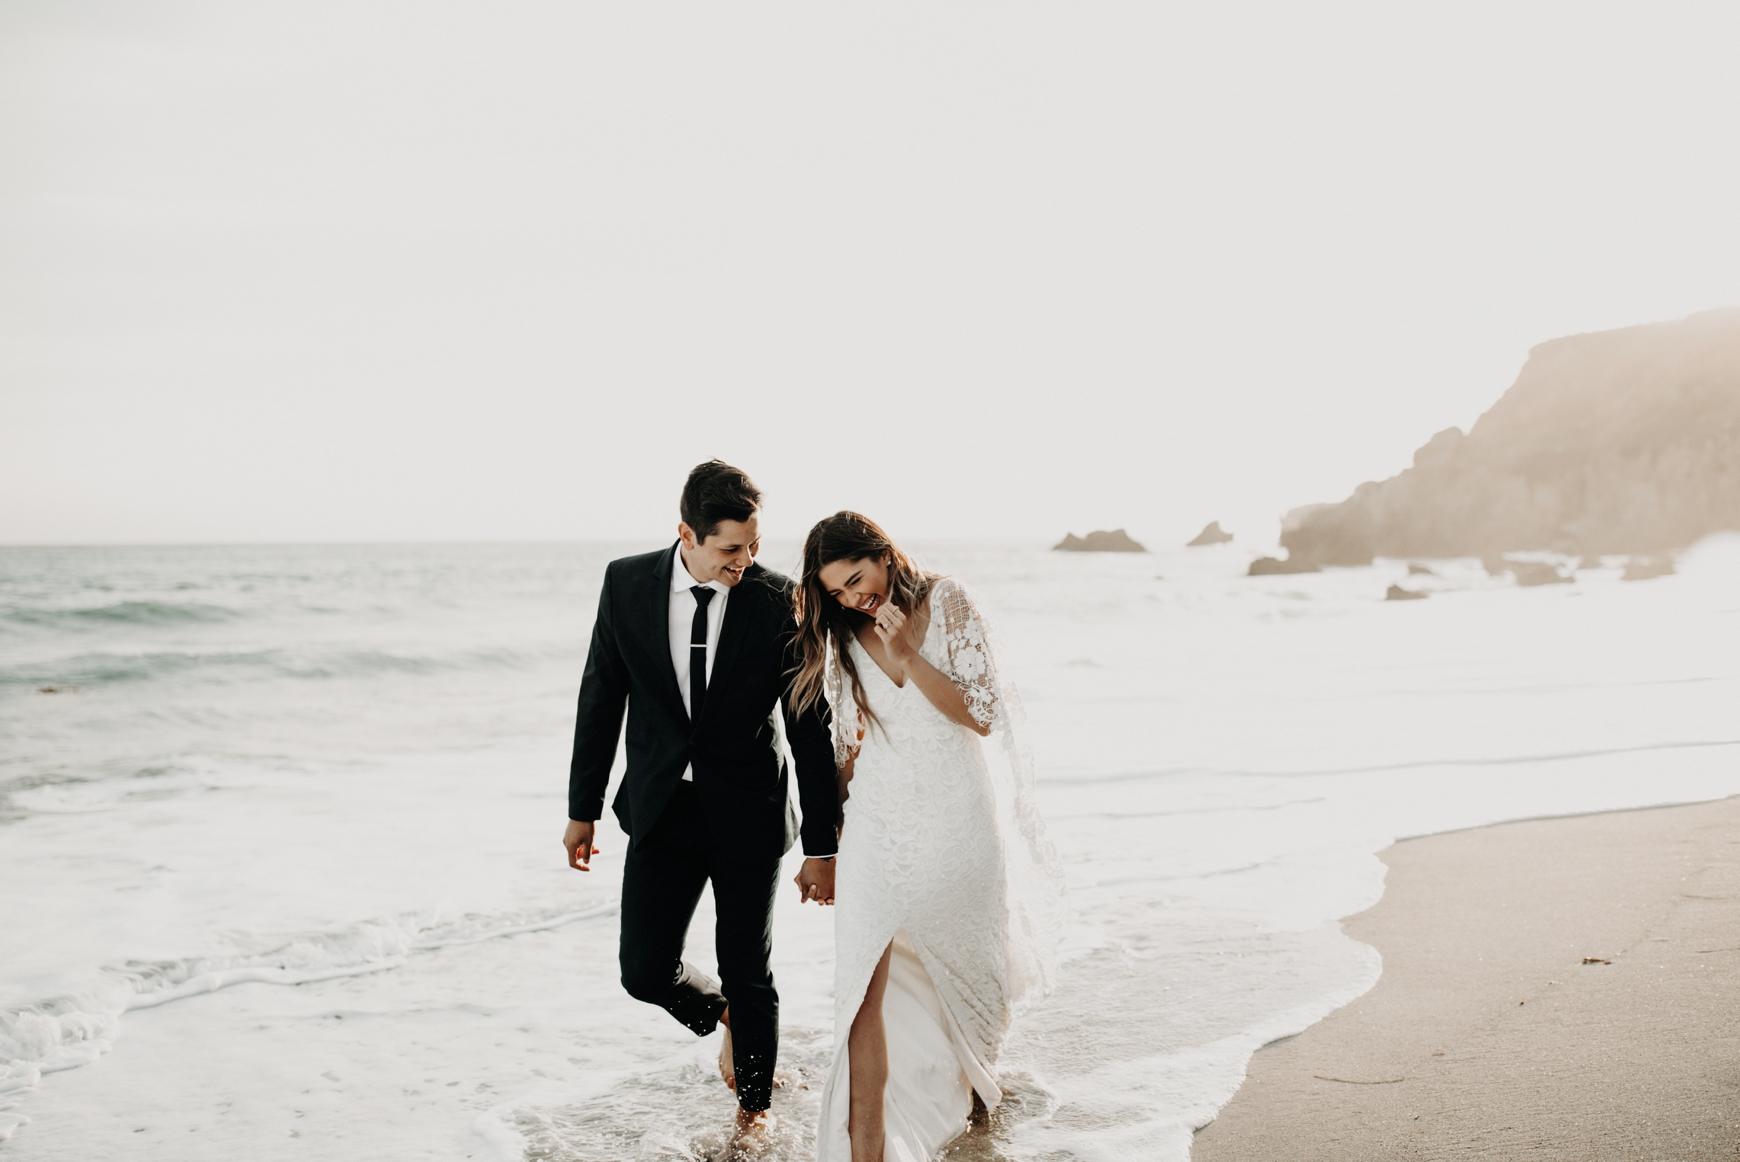 El Matador Beach Bridal Portraits Justellen & TJ Emily Magers Photography-273Emily Magers Photography.jpg